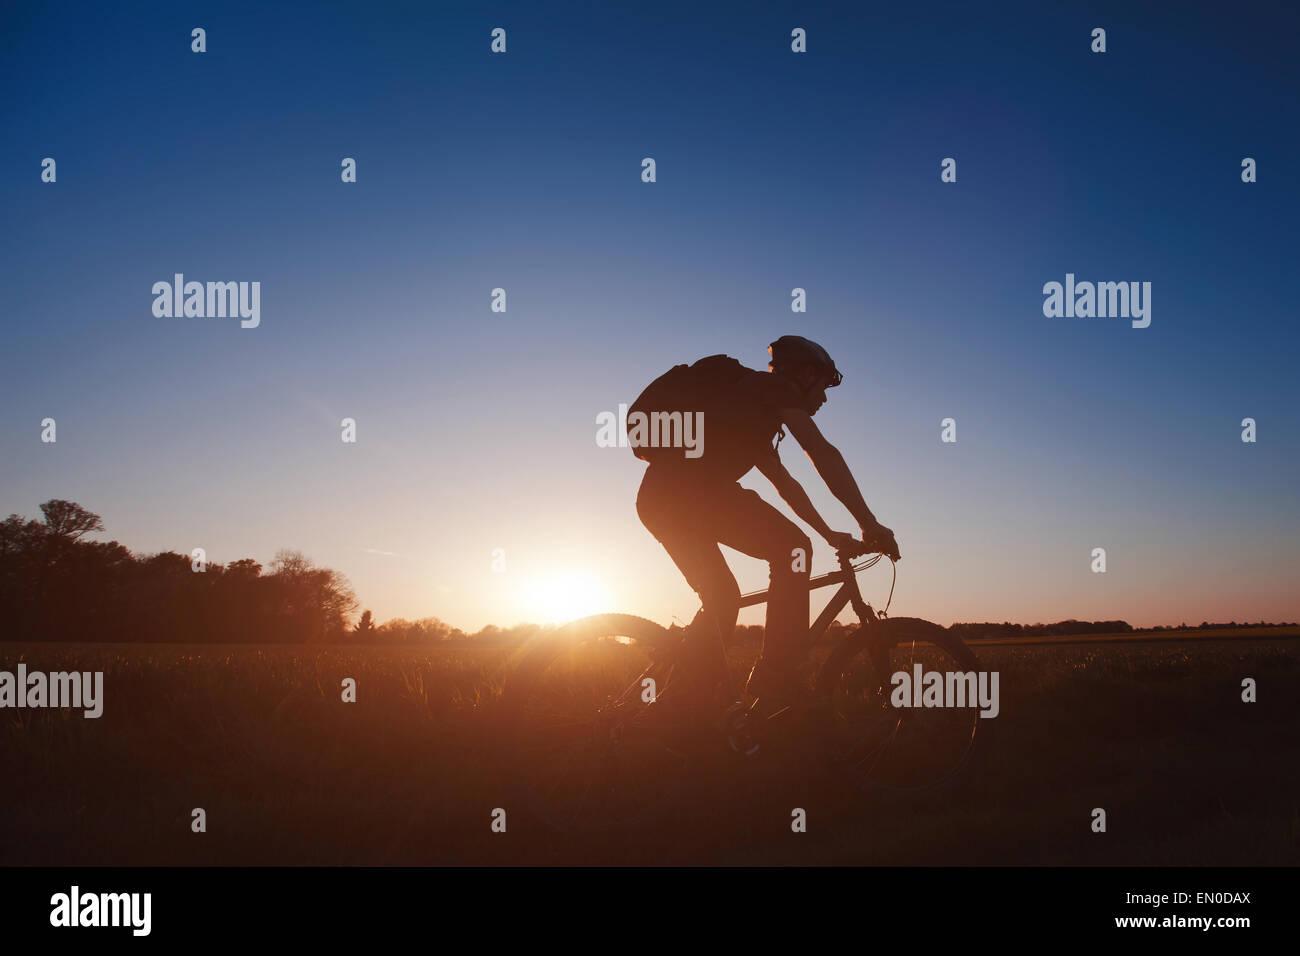 Silhouette de jeune homme sur le vélo au coucher du soleil Photo Stock